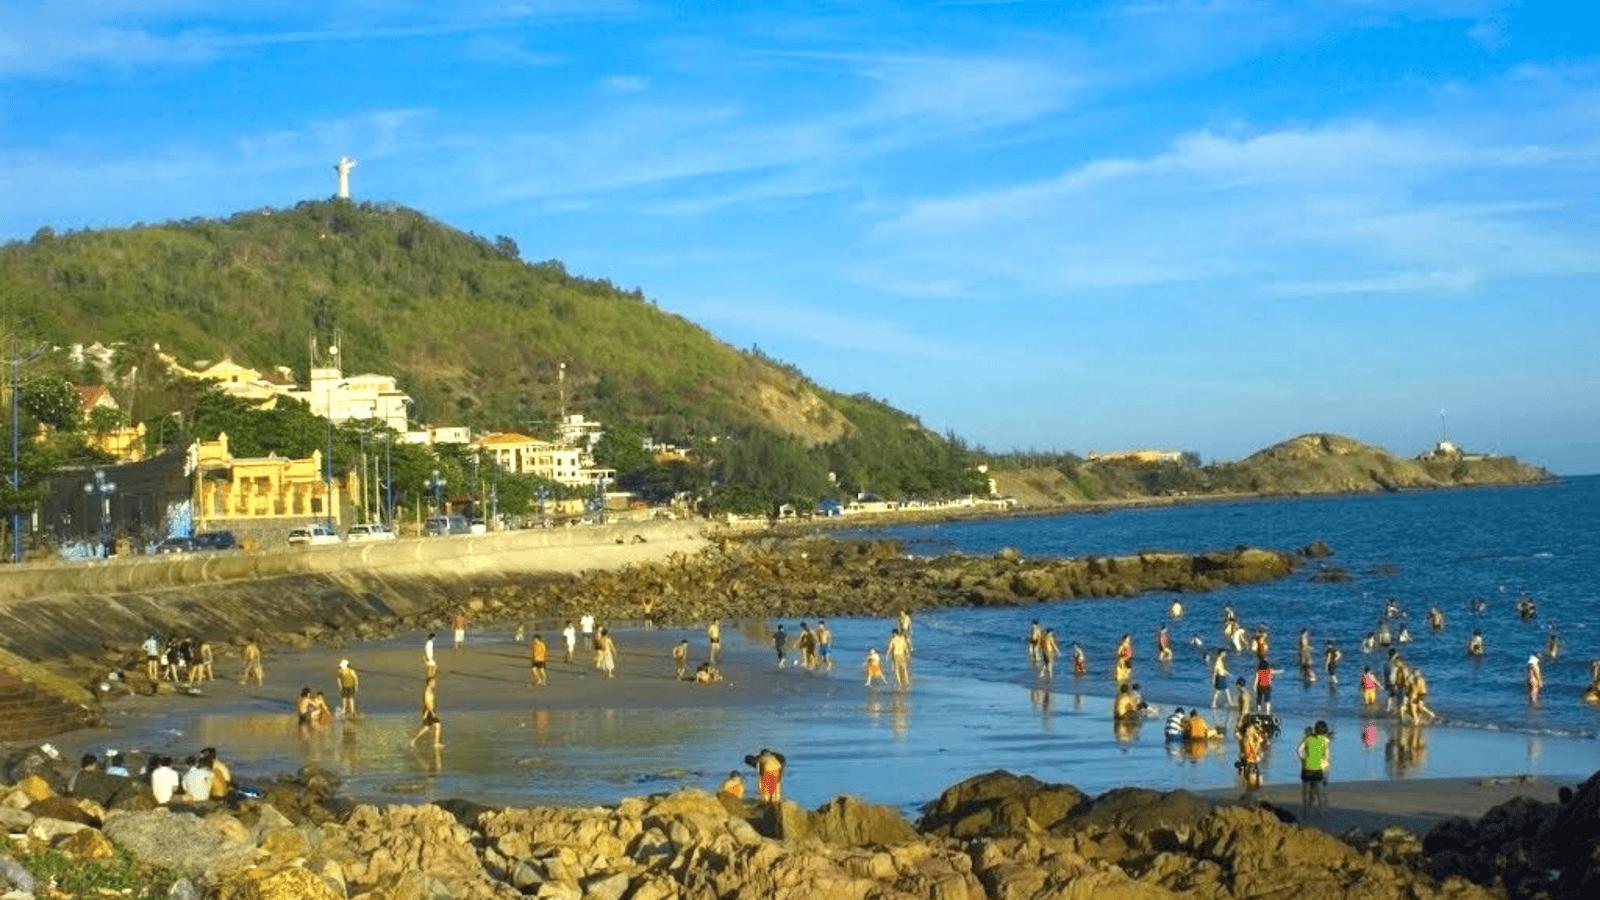 Bãi Dâu còn khá hoang sơ và không nhiều du khách tắm biển